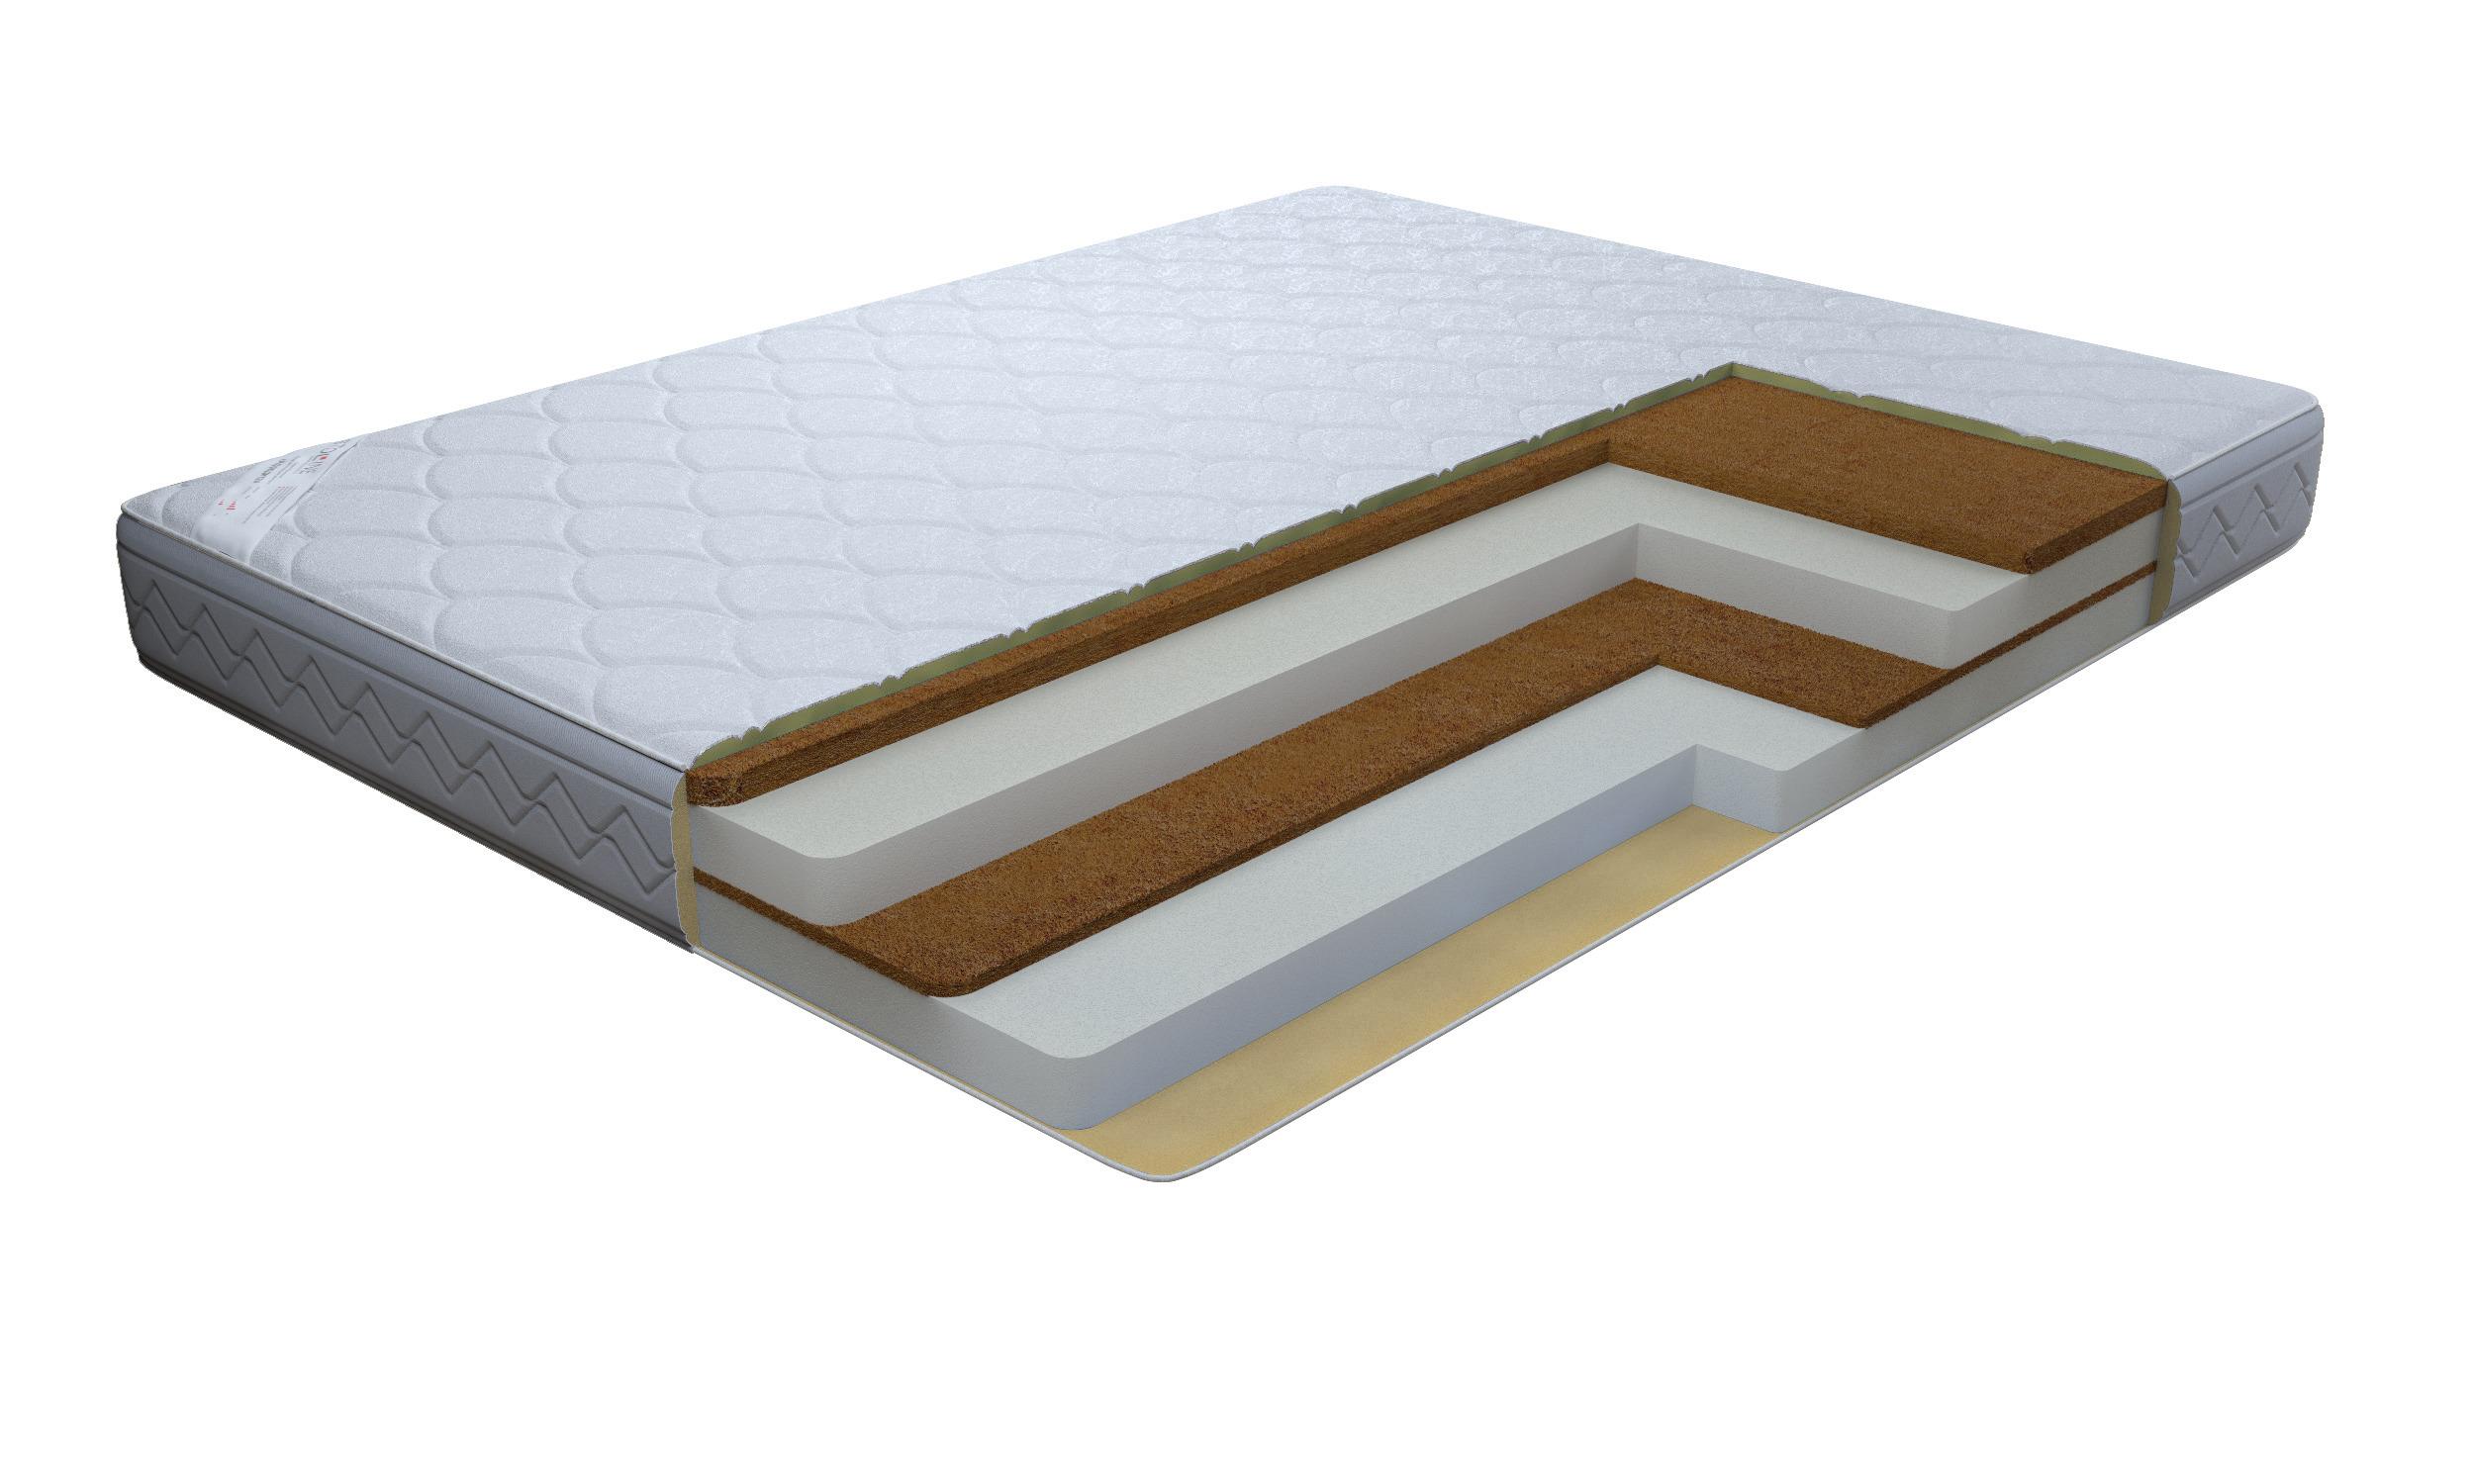 Матрас Премиум-Аванта 1400*2000Мебель для спальни<br>Две стороны жесткости обеспечат комфортный сон. Огнеупорный жакард, очень приятен на ощупь и обладает гипоалергенным свойствами и при этом не поддерживает горение. Рекомендовано использование вместе с защитным чехлом Aquastop.Подходит для кроватей с подъемным механизмом. &#13;Высота: 22 &#13;Основа: беспружинный &#13;Чехол: Огнеупорный жаккард, стеганный на 15 мм ППУ &#13;Наполнитель: Латексированные листы кокосовой койры 30 и 10 мм, 2 листа ППУ 750 мм &#13;Нагрузка: 120<br><br>Длина мм: 1400<br>Высота мм: 220<br>Глубина мм: 2000<br>Длина матраса: 2000<br>Ширина матраса: 1400<br>Высота матраса: 220<br>Тип матраса: беспружинный